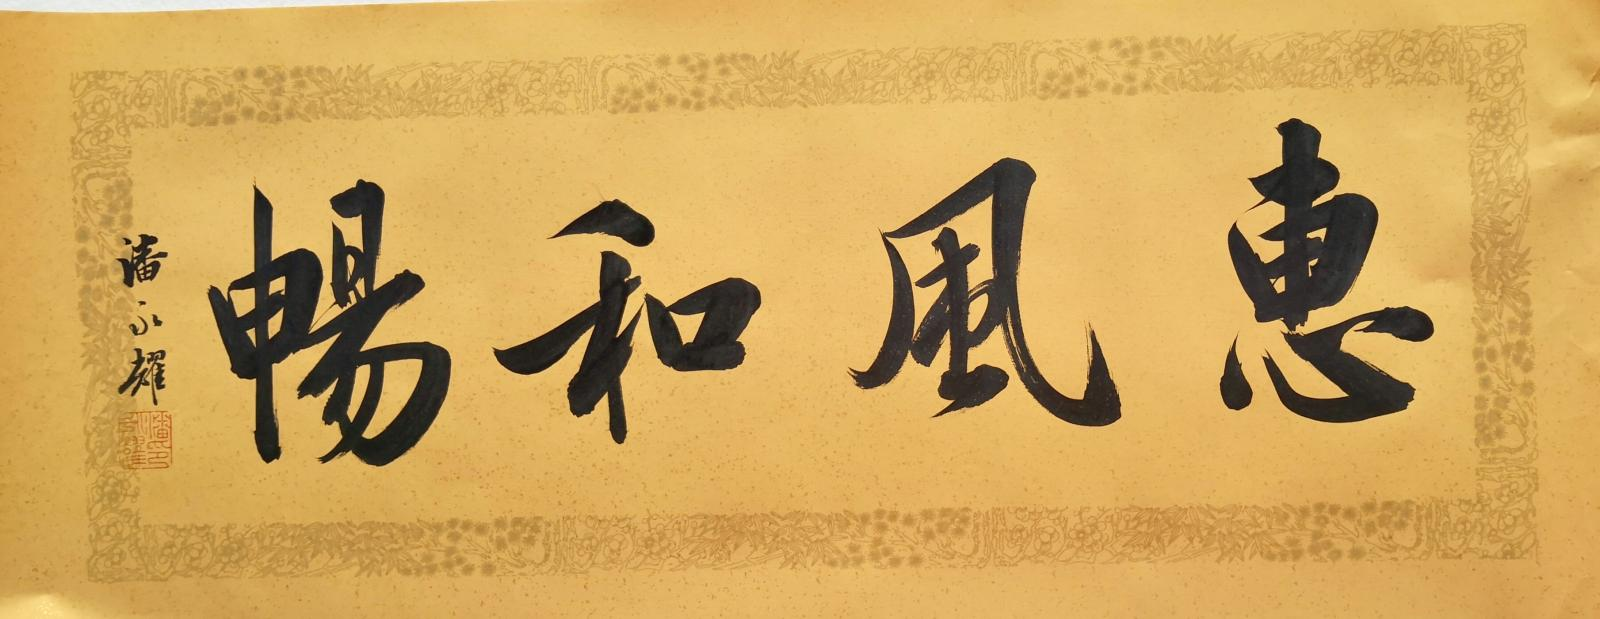 岭南第一楷书